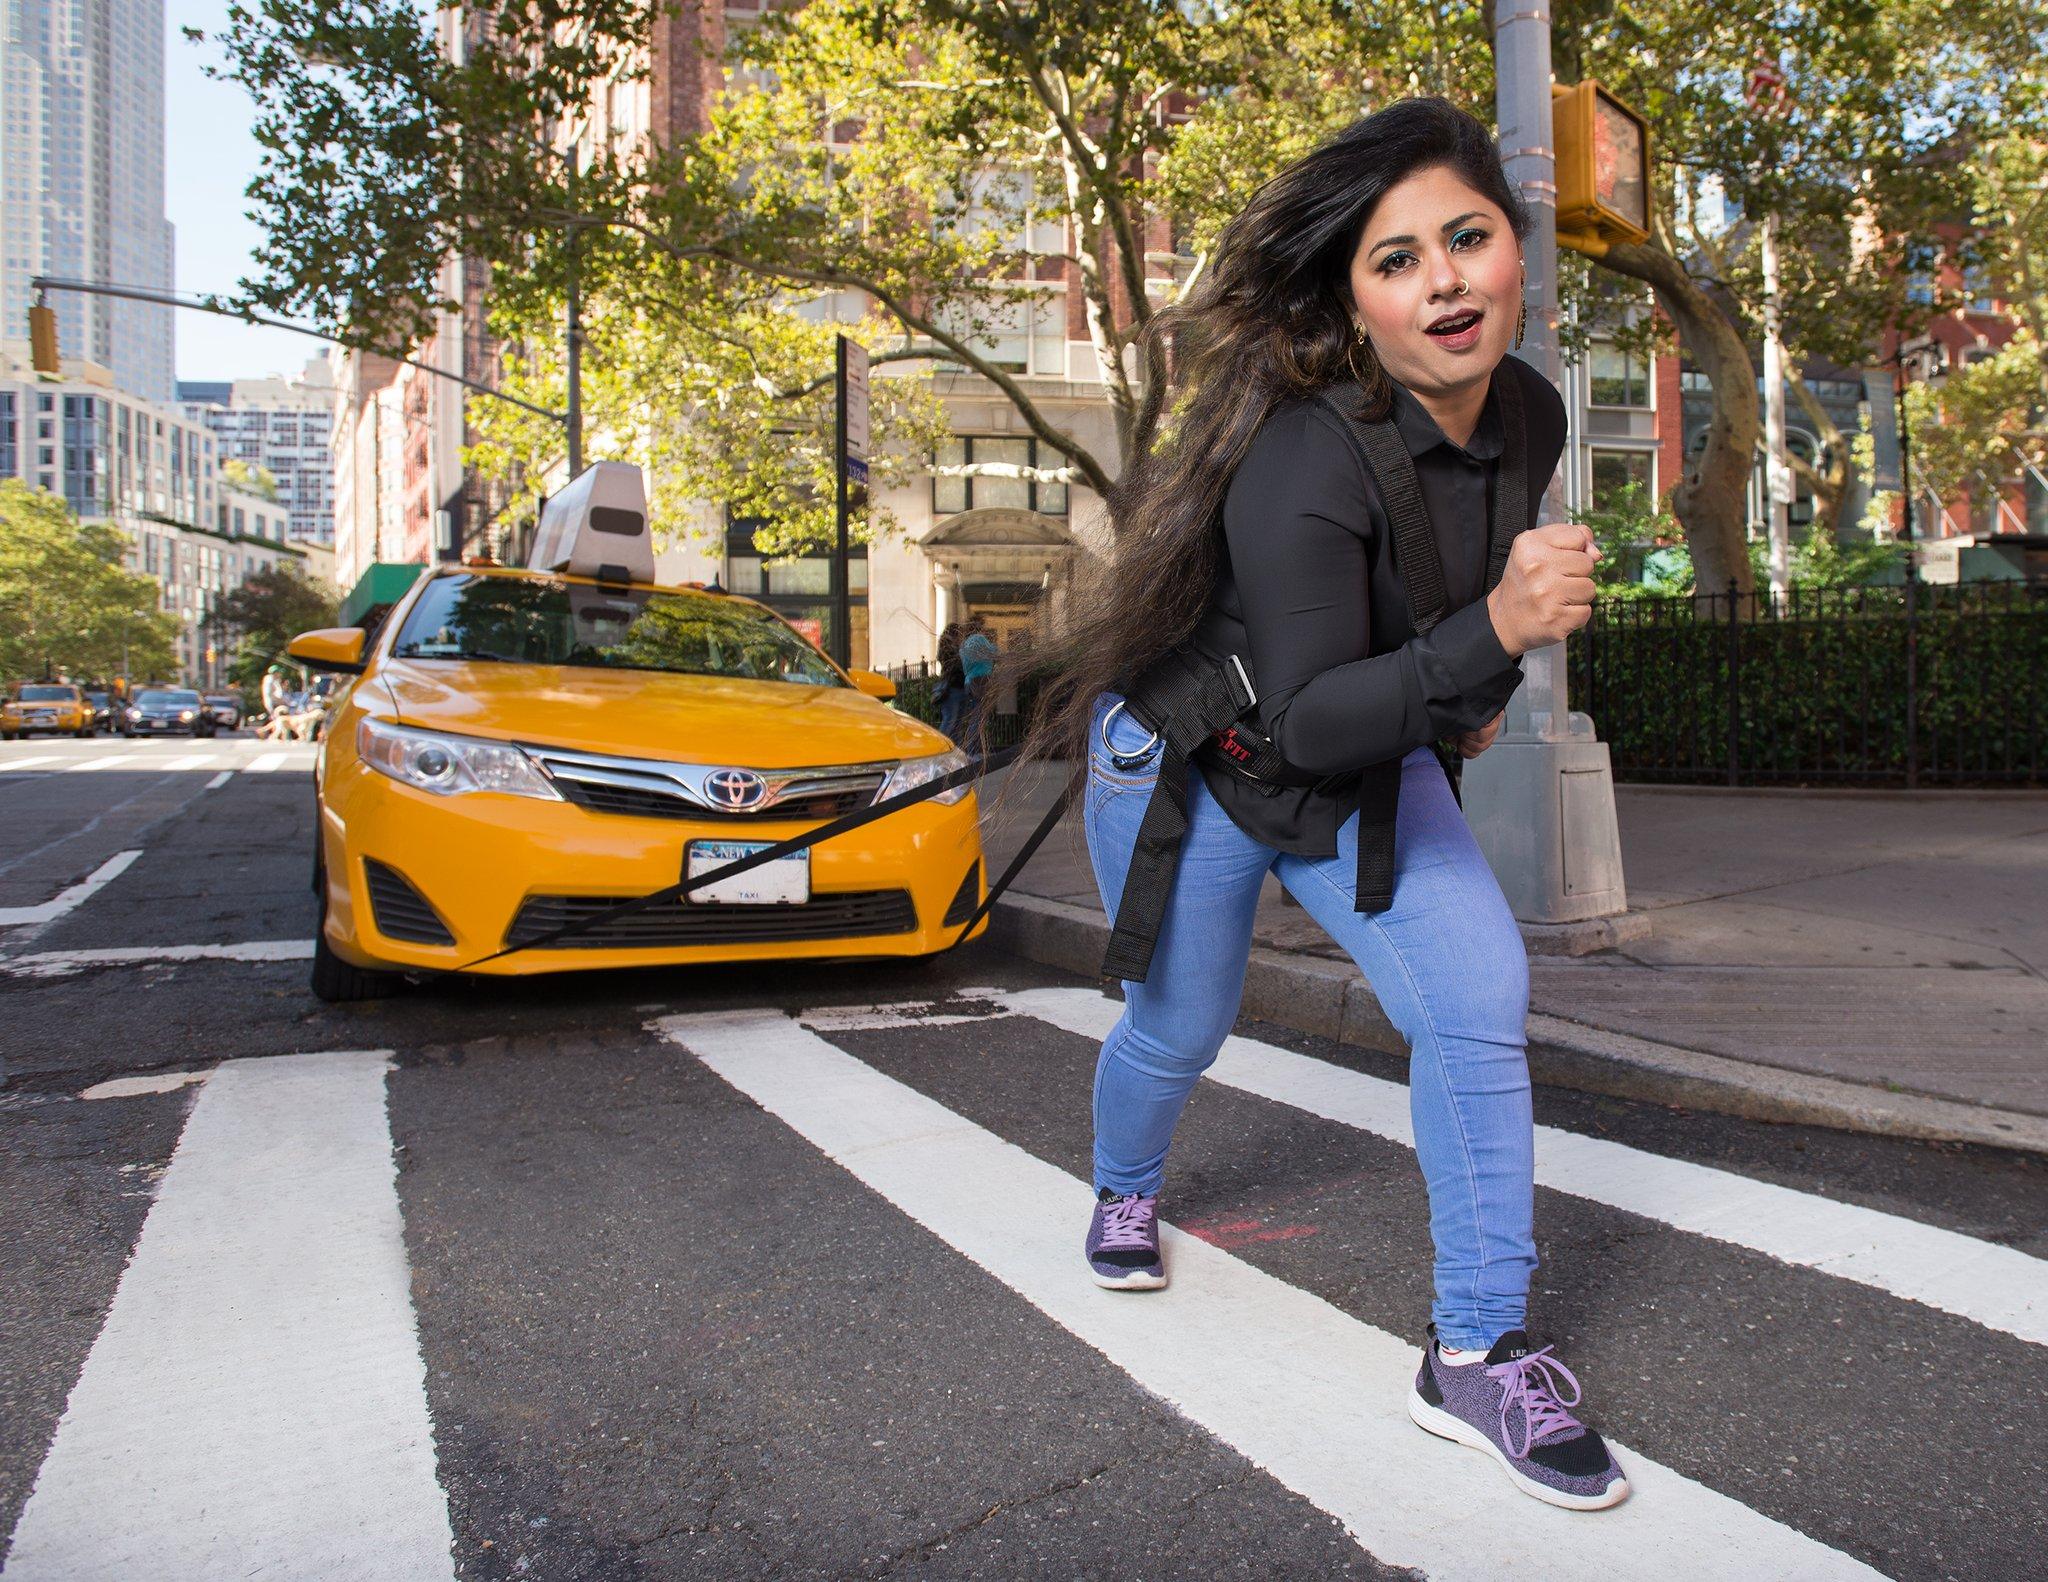 À New York, les chauffeurs de taxi ont créé leur propre calendrier déjanté